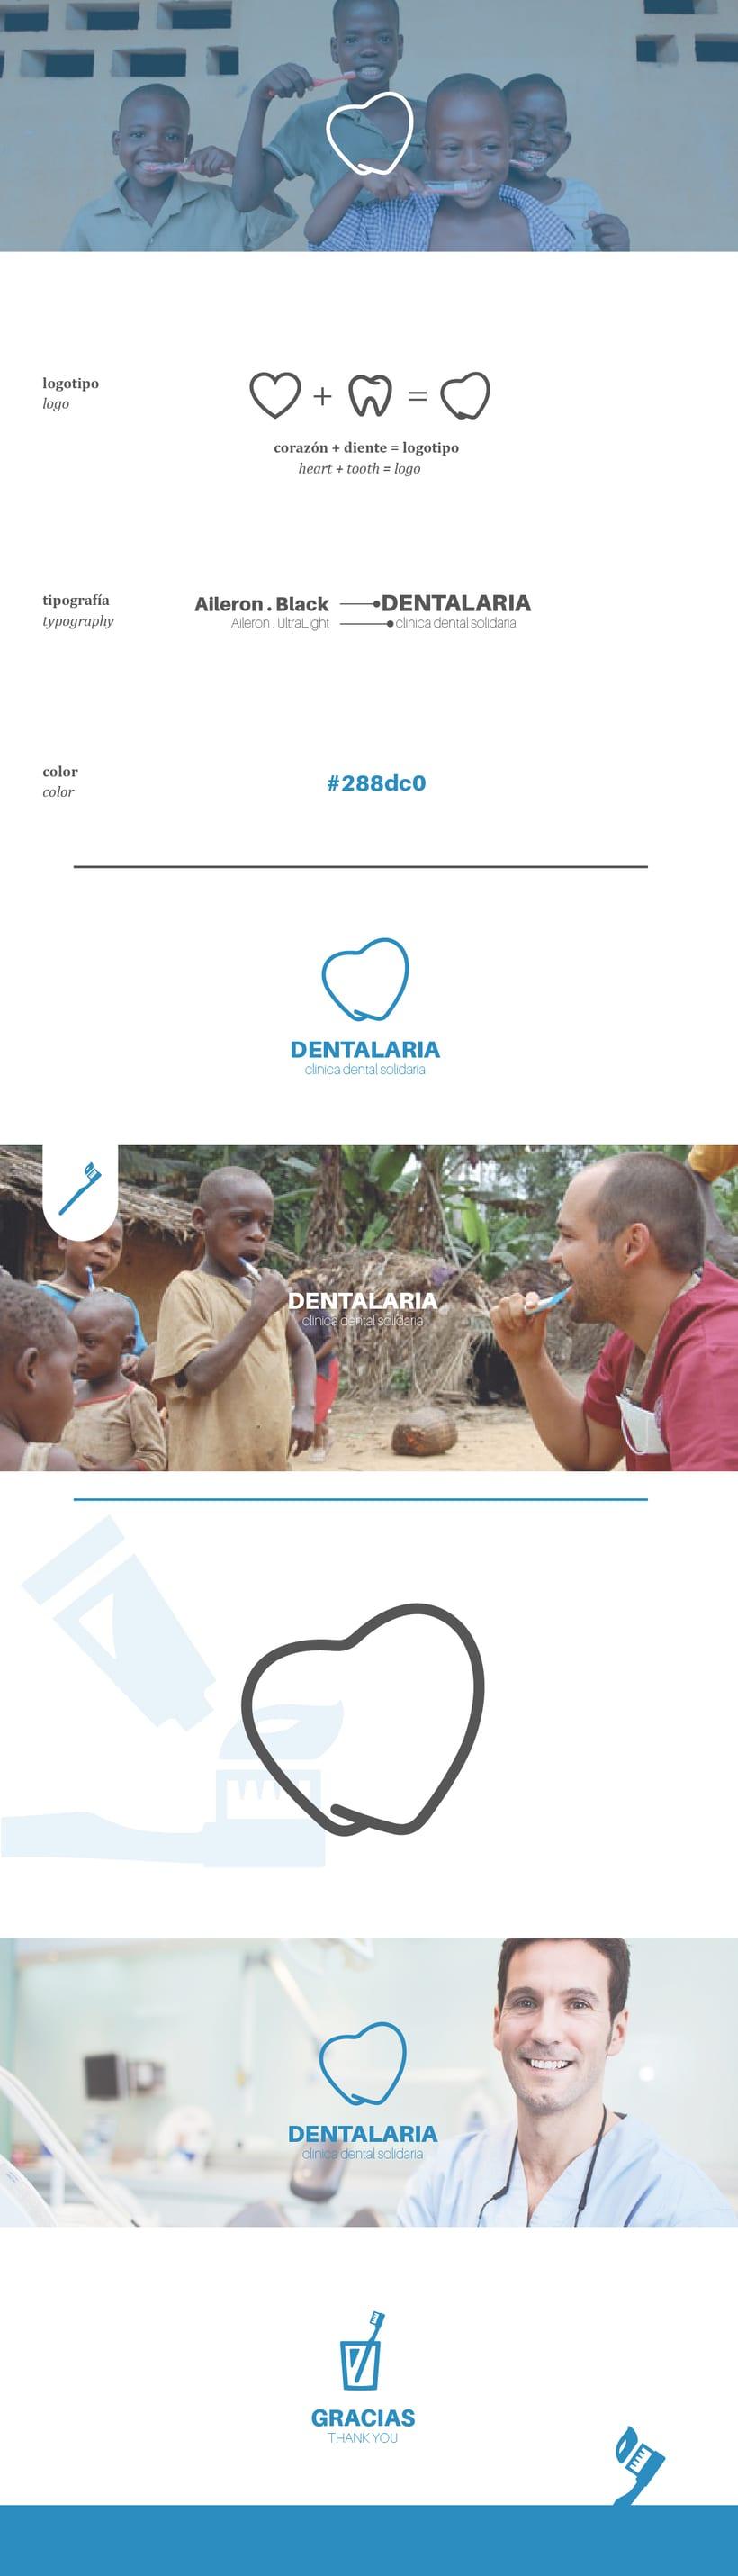 DENTALARIA. dentistas solidarios -1